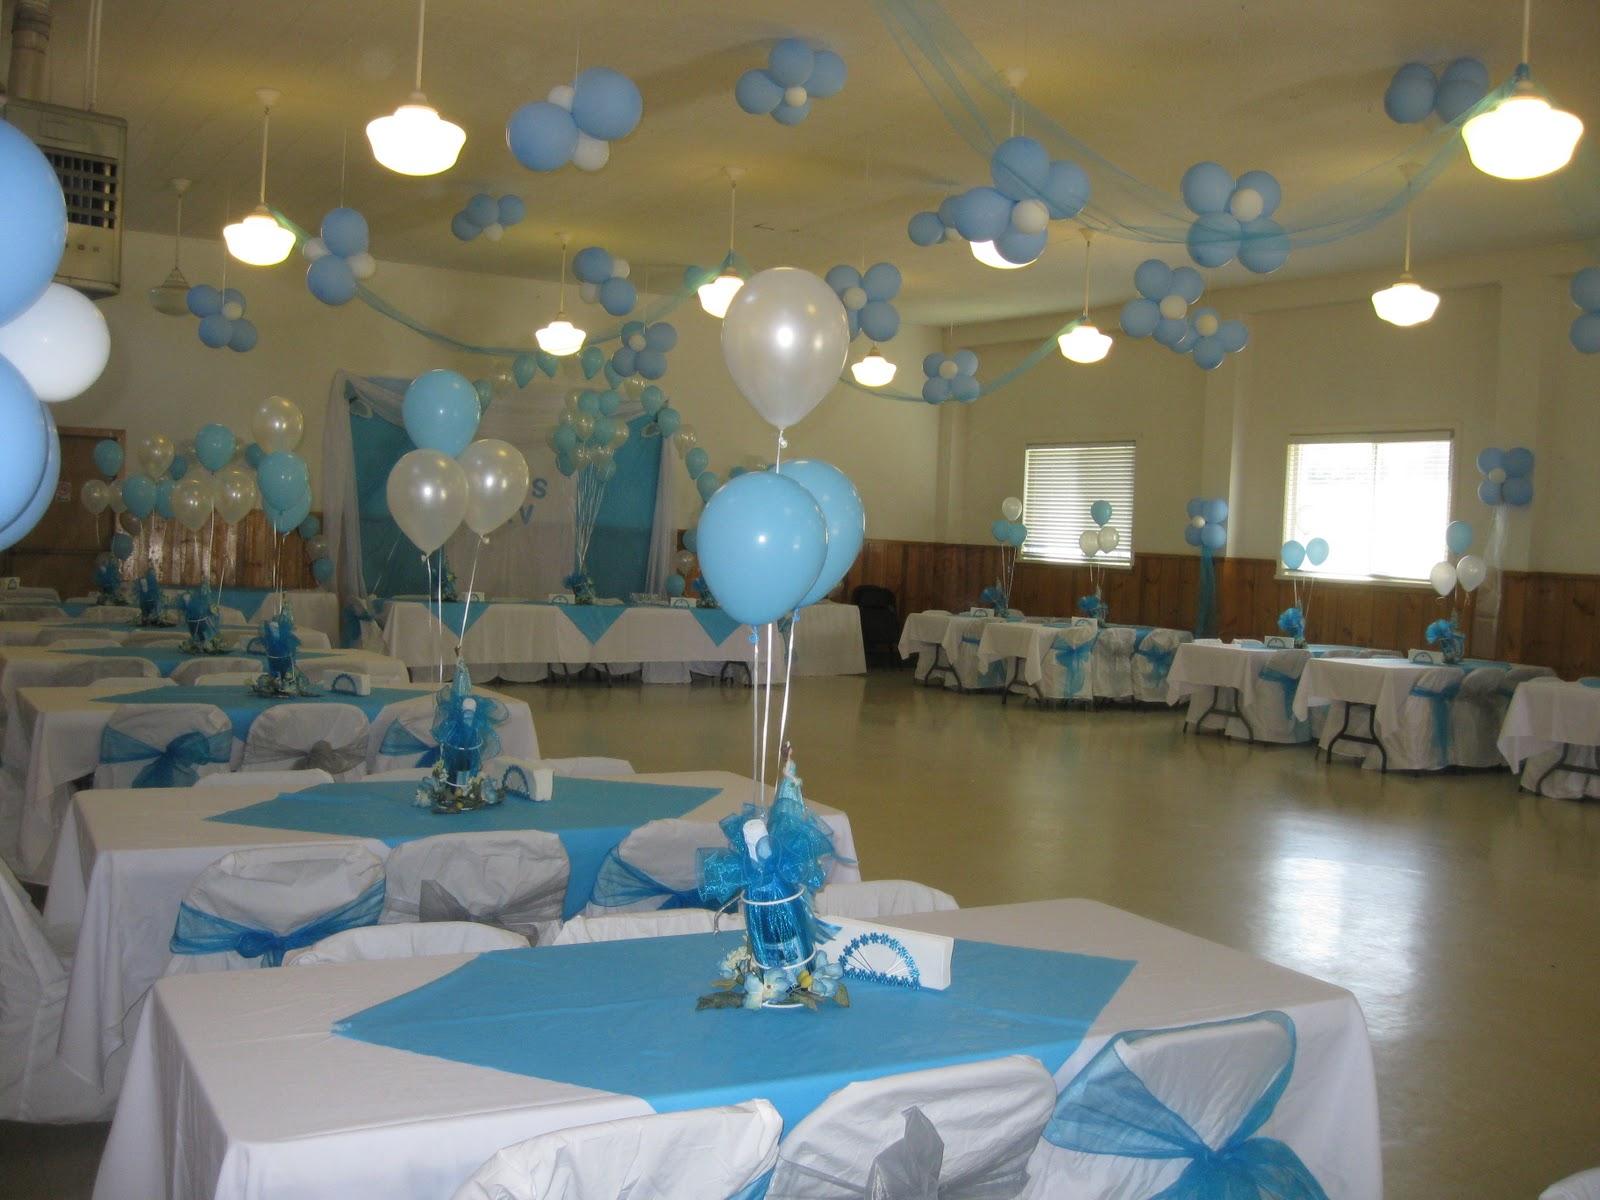 Decoracion con globos decoracion car interior design - Decoraciones con globos ...